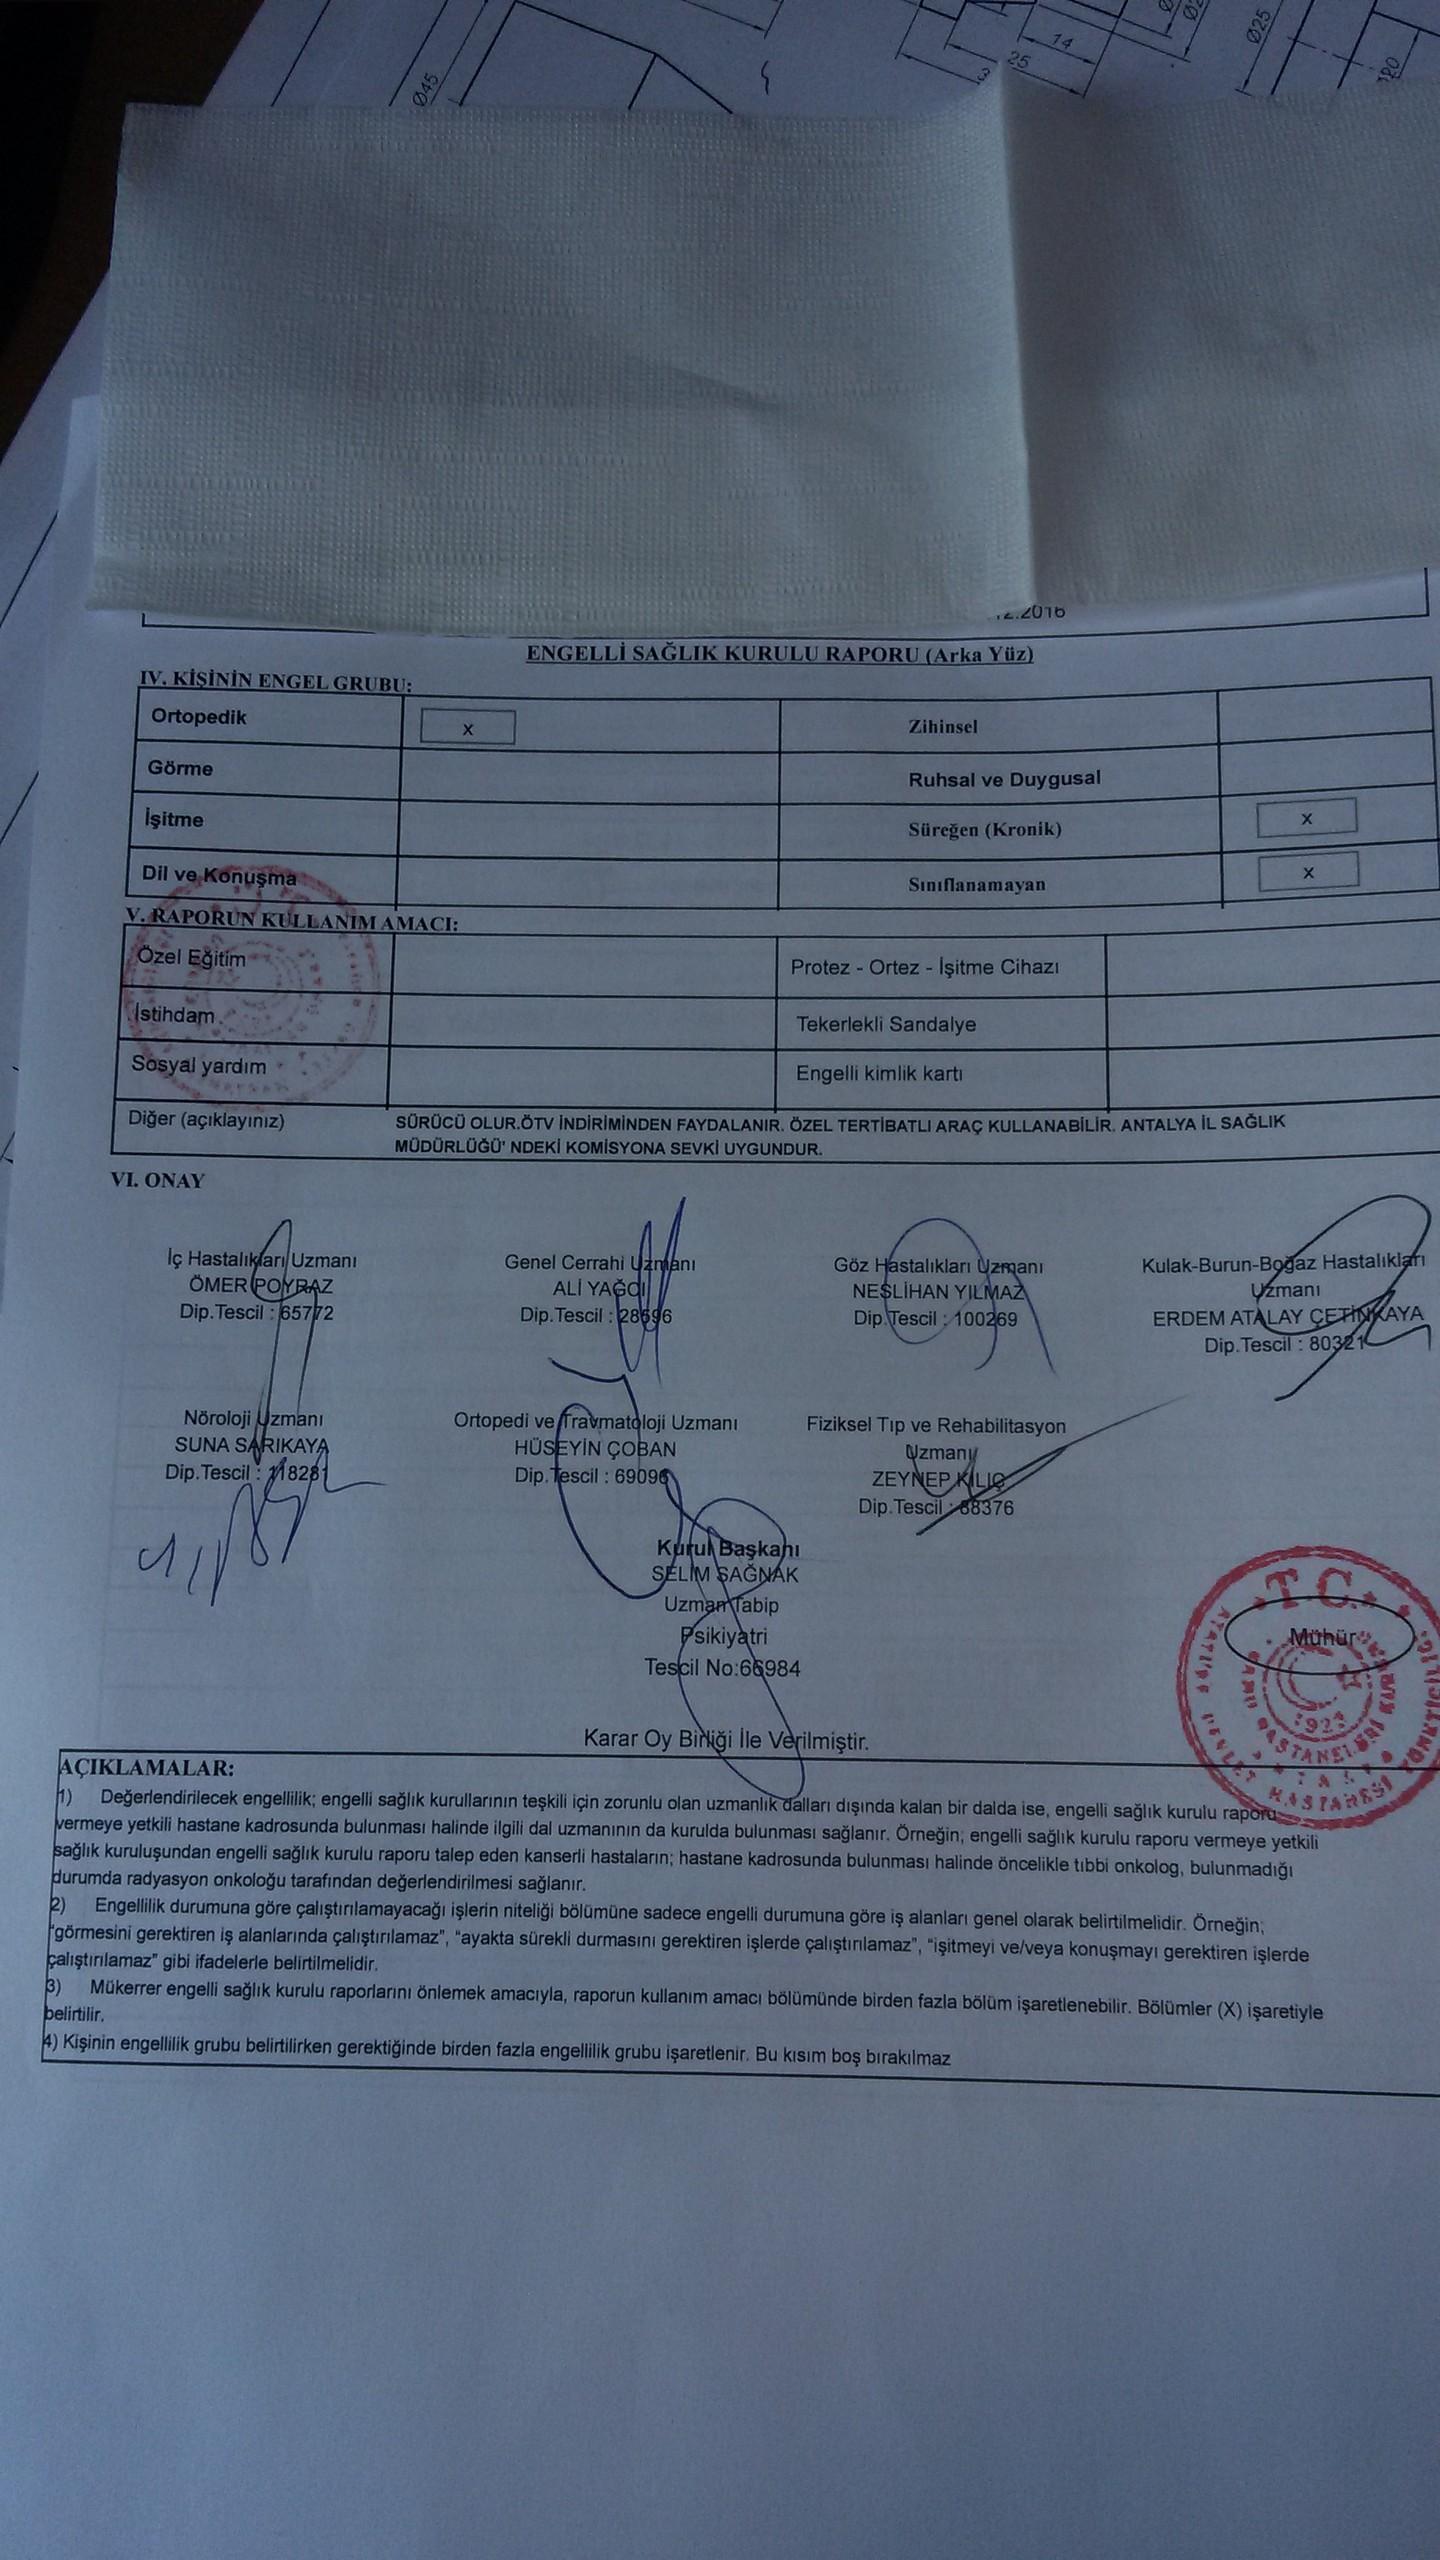 VPYbXj - H sınıfı sürücü belgesi ve ÖTV'siz araç alımı için rapor paylaşımları